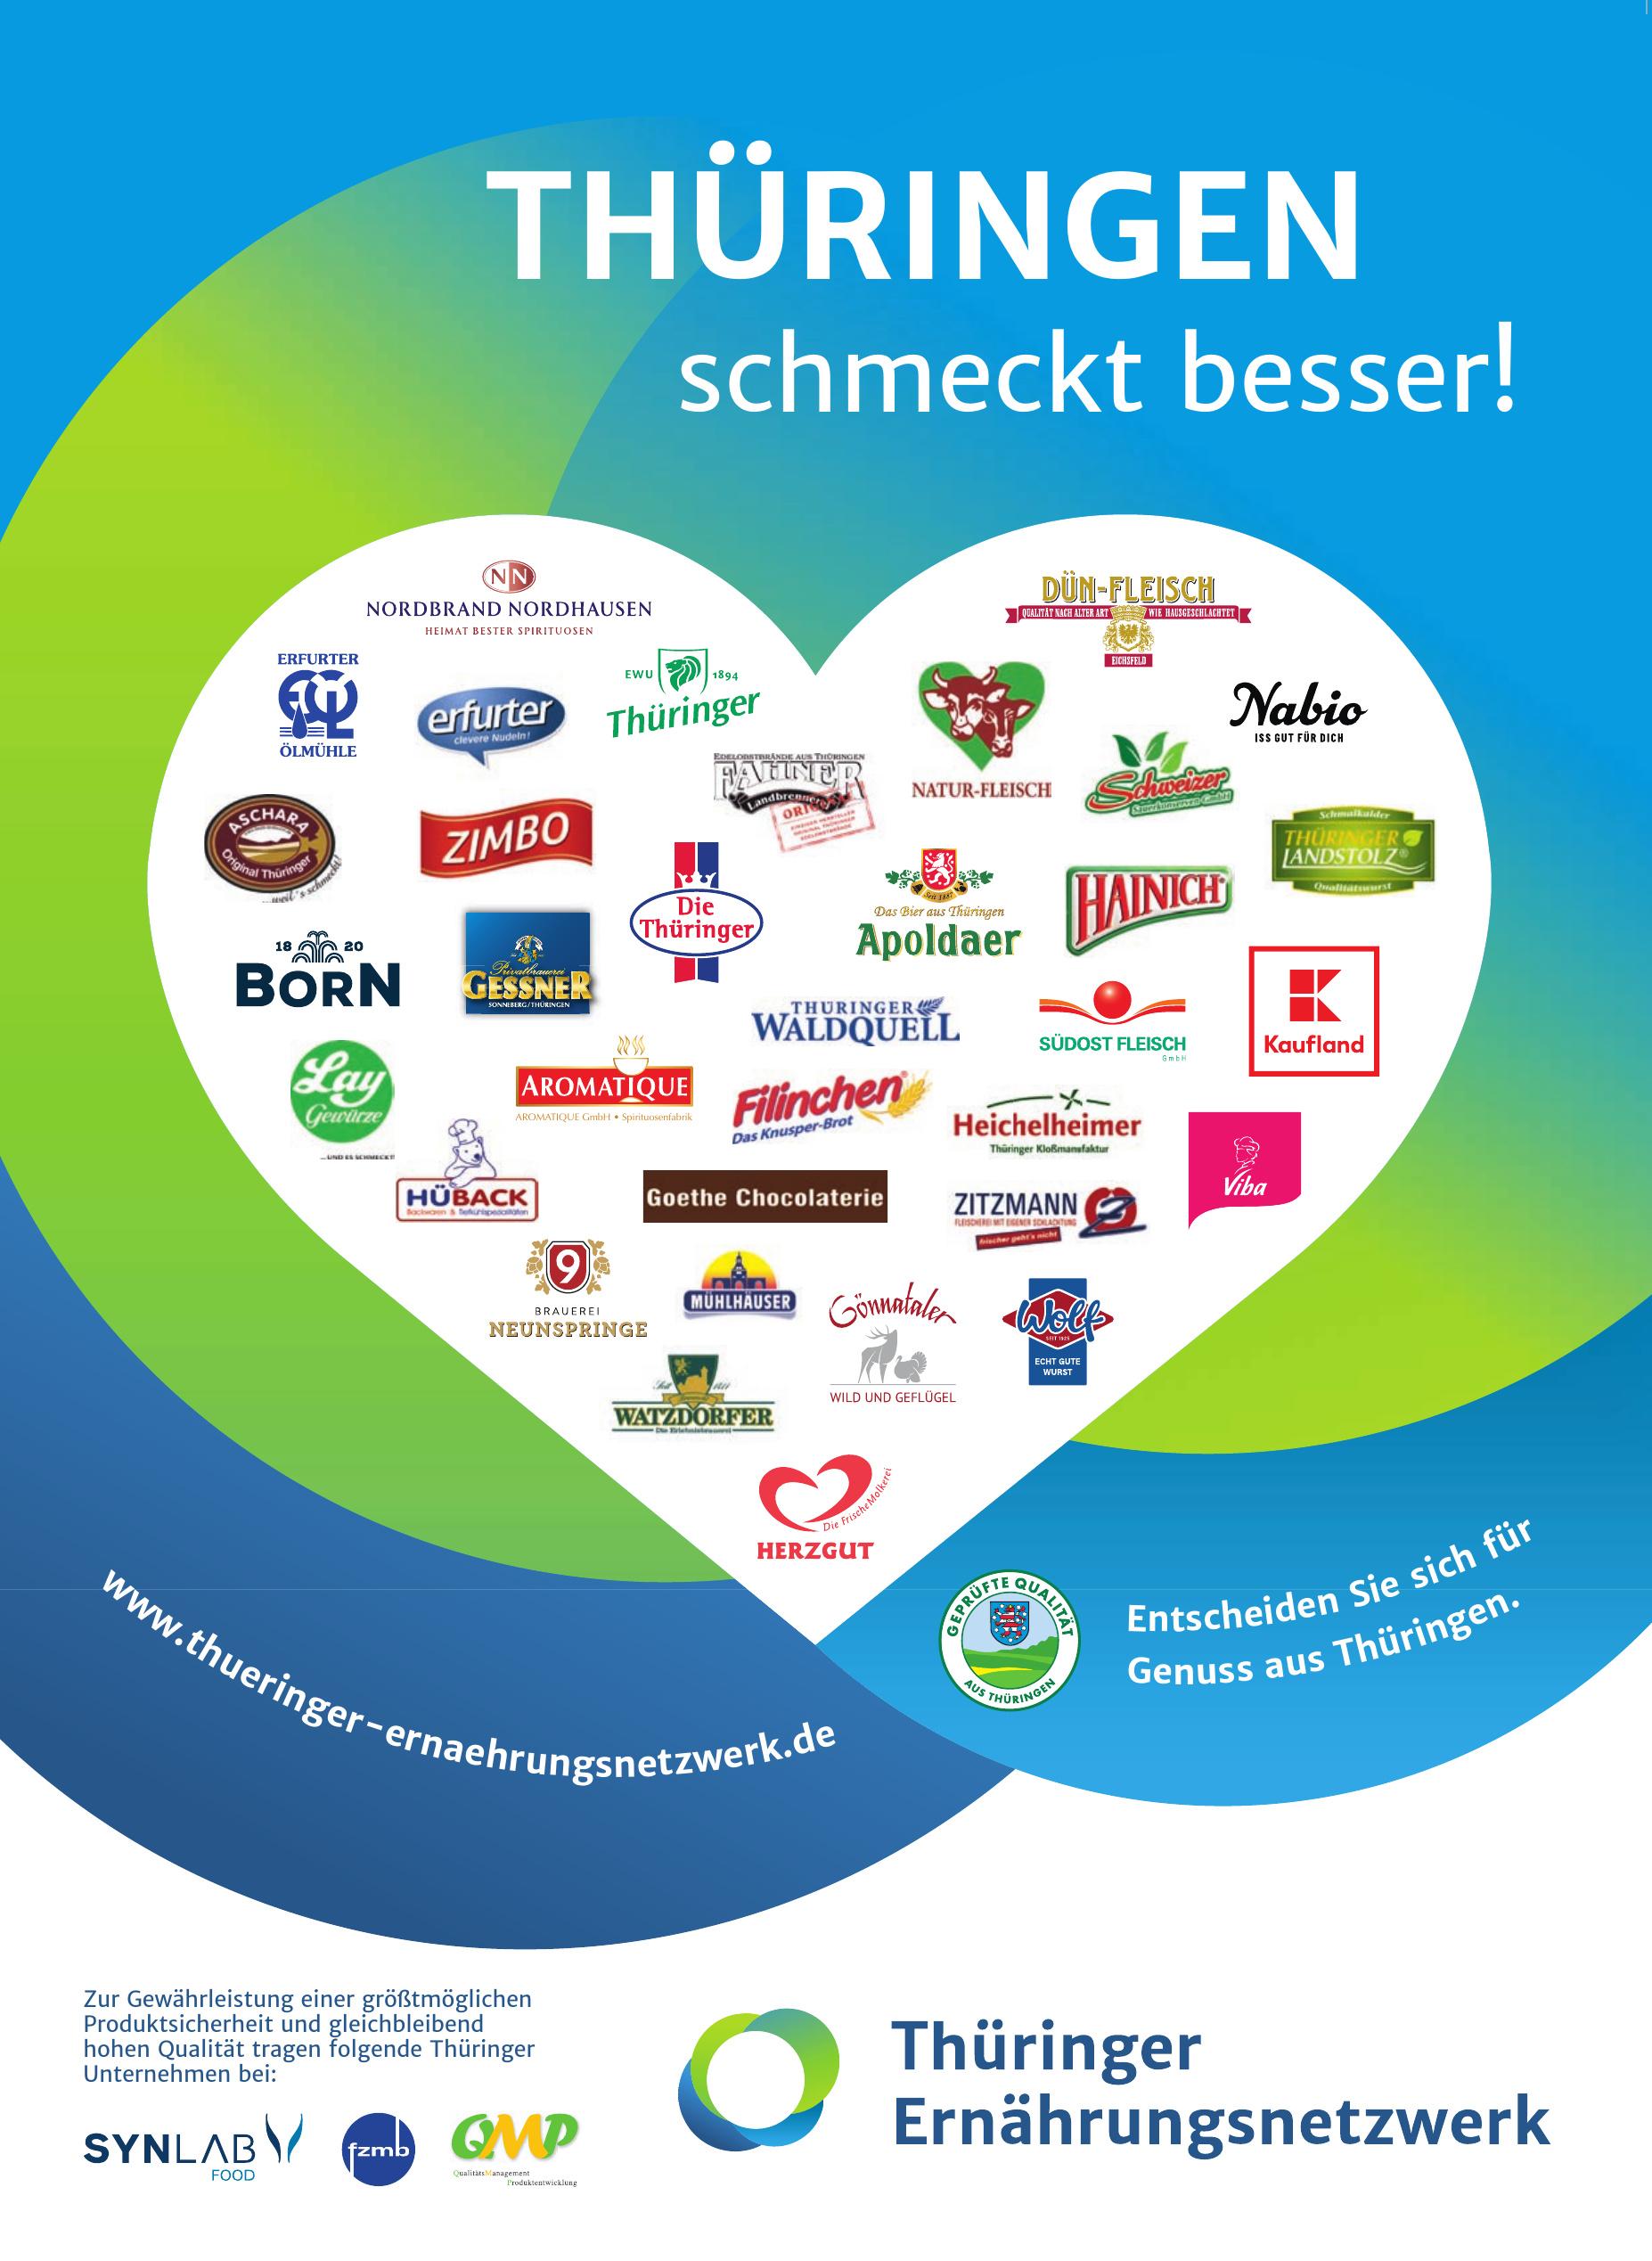 Thüringer Ernährungsnetzwerk e.V.